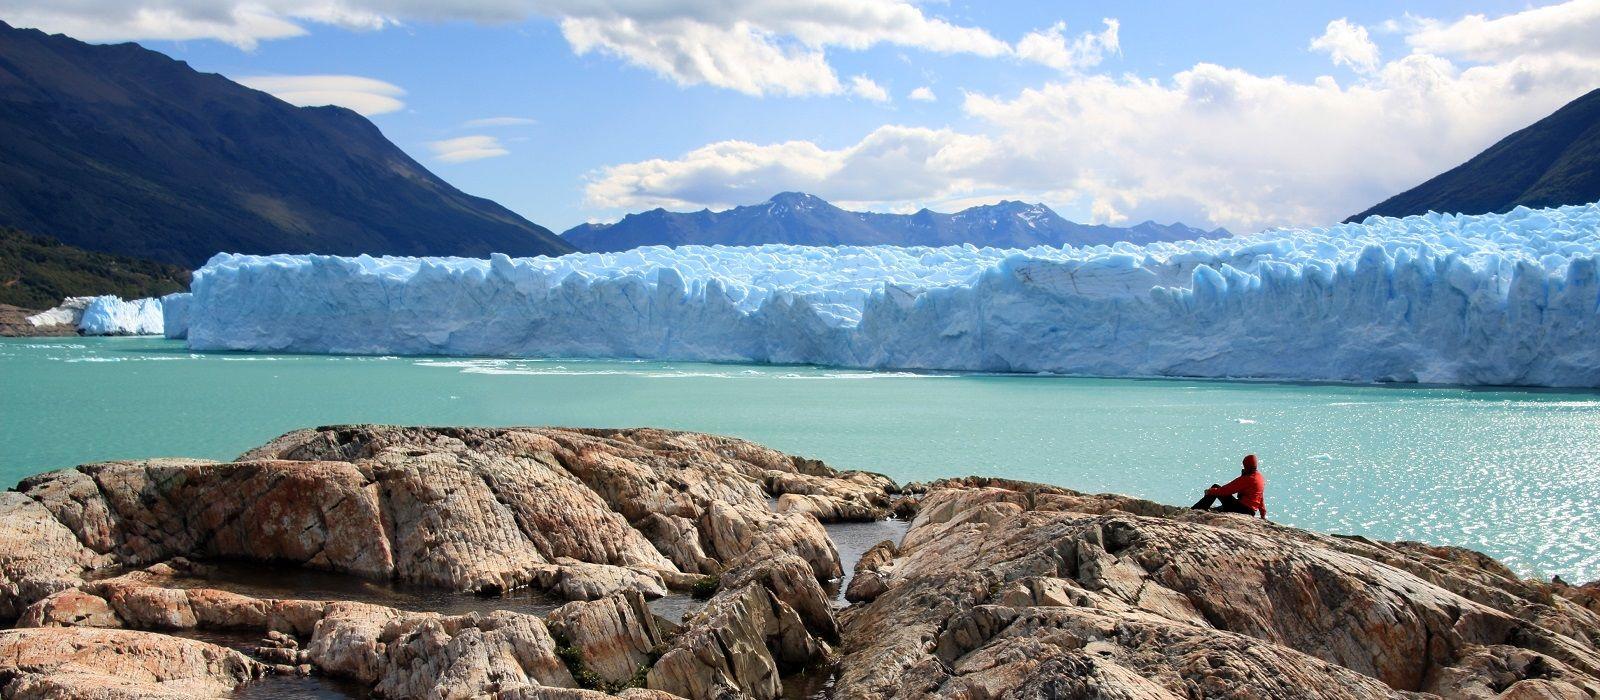 Die unberührte Schönheit Patagoniens & Abstecher in die Antarktis Urlaub 4